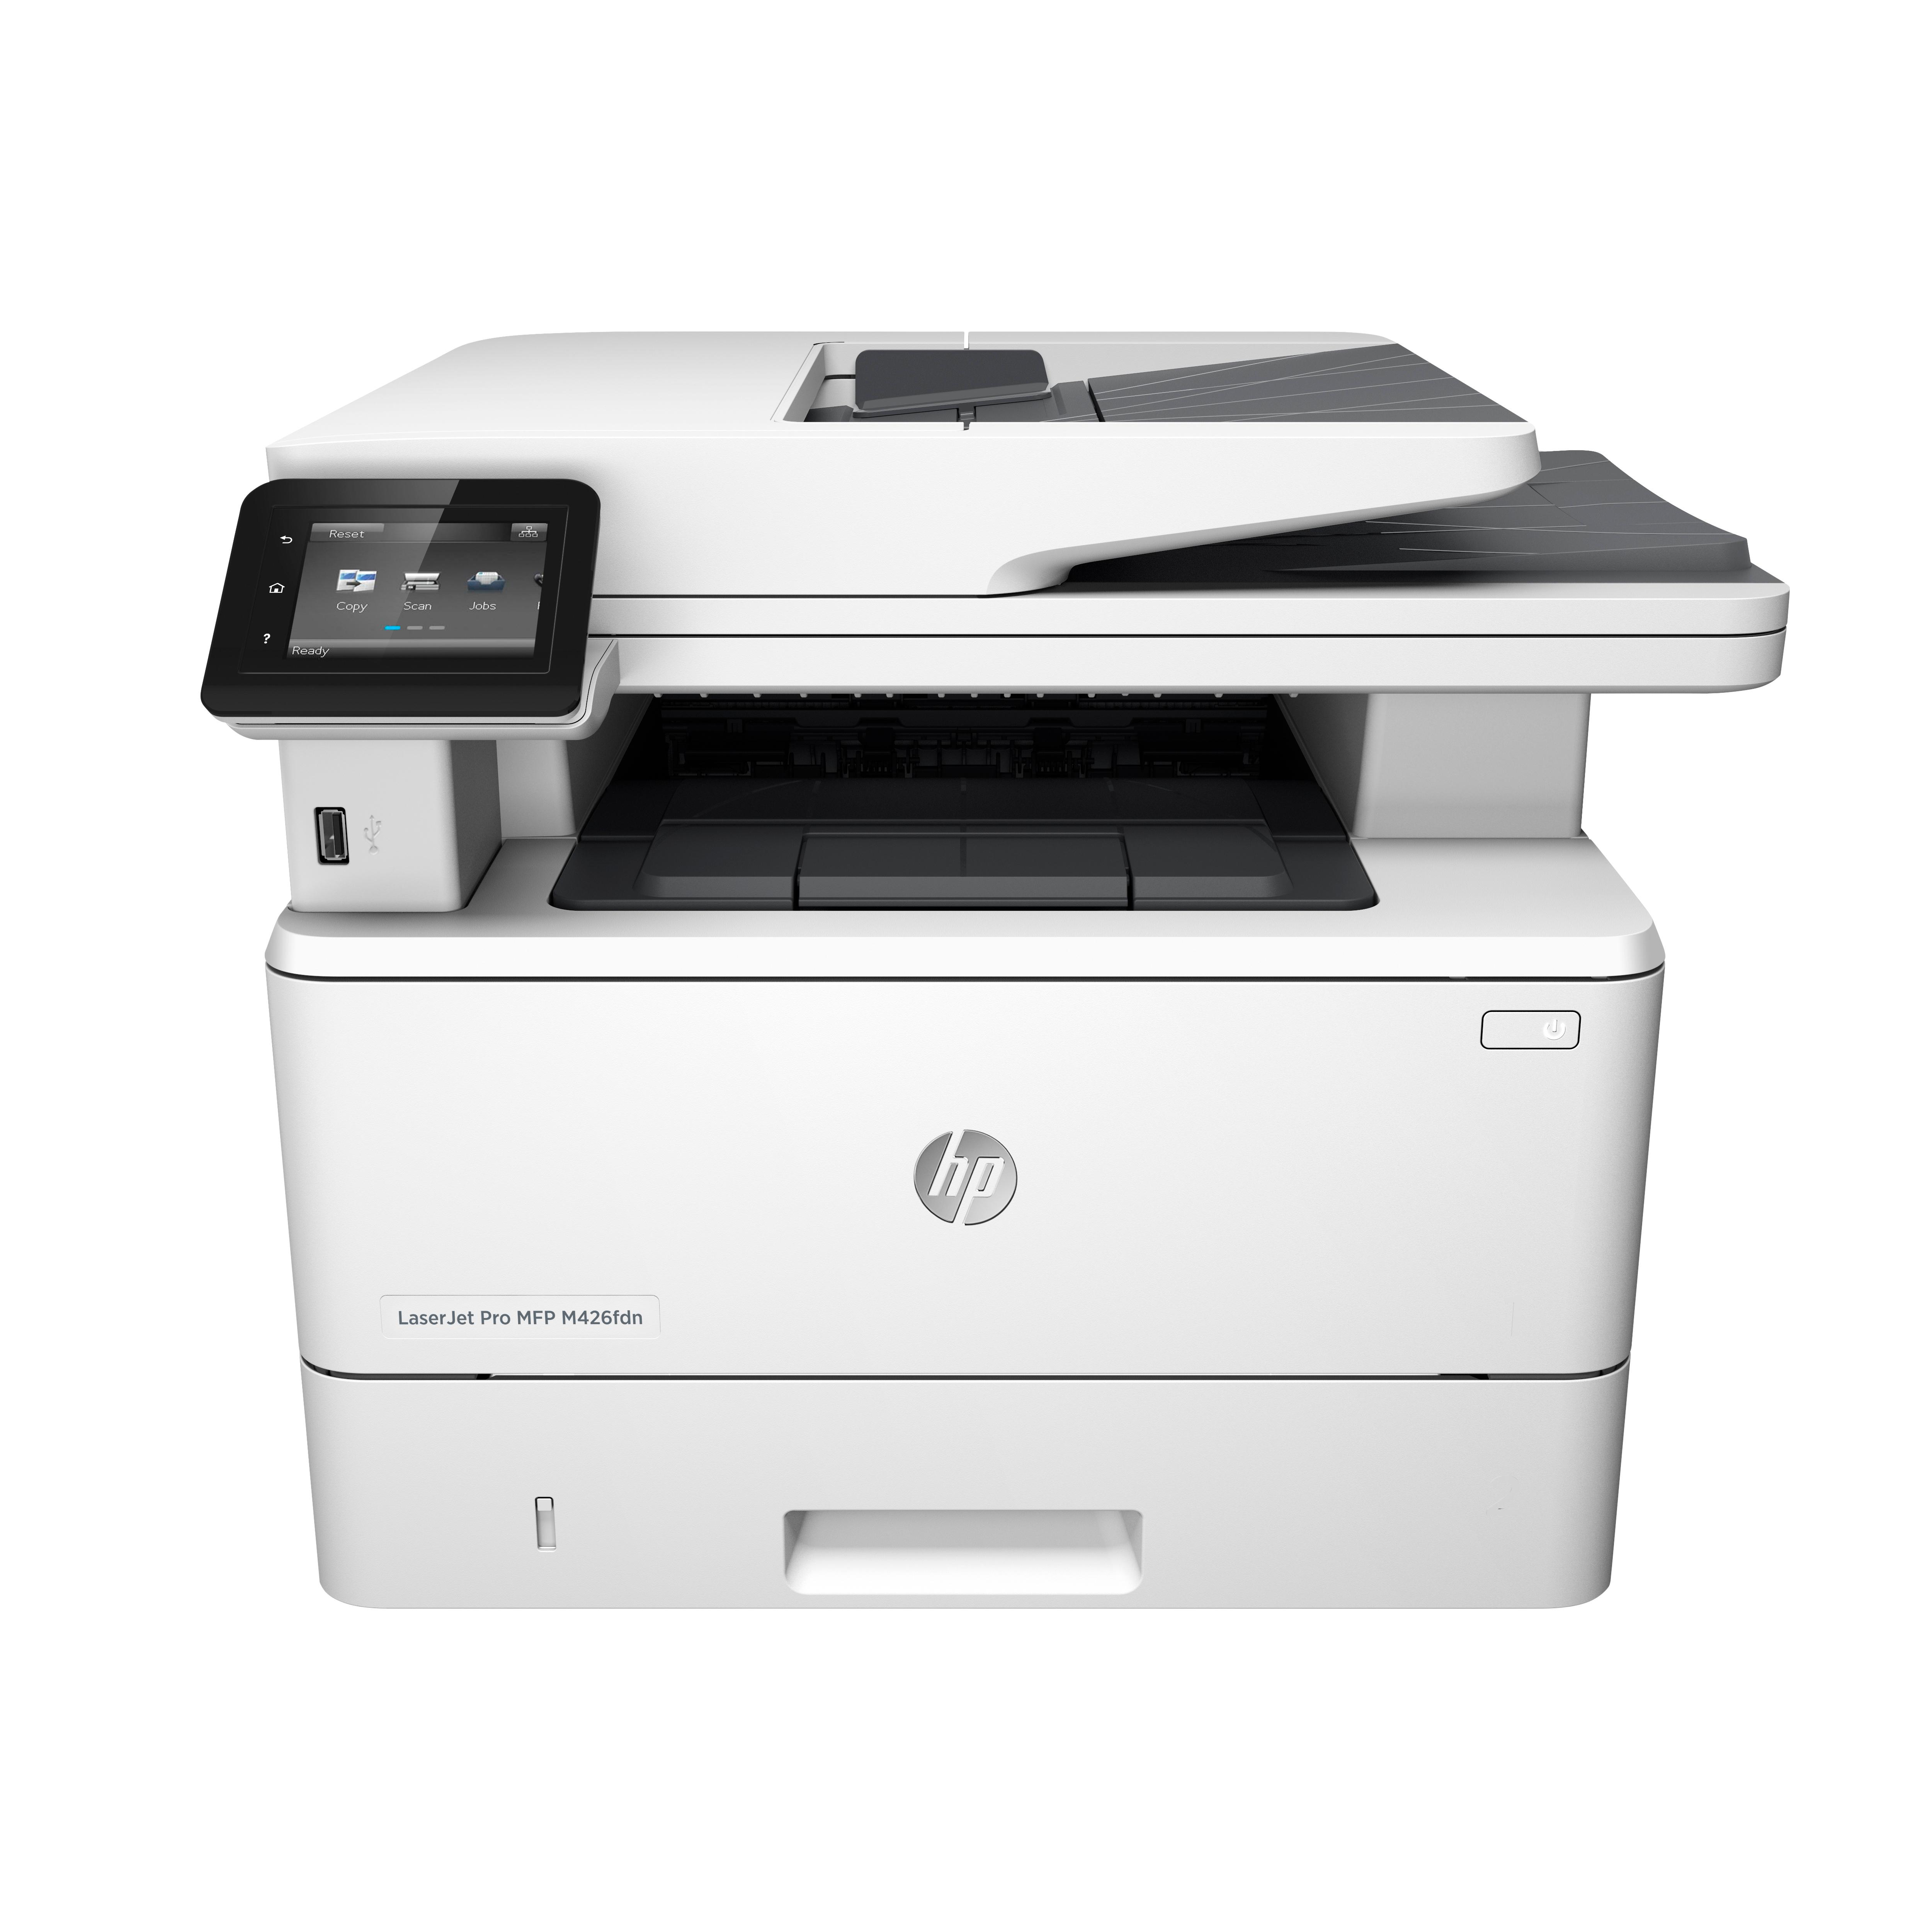 HP LaserJet Pro M426fdn, S/W-Laser MFP, A4